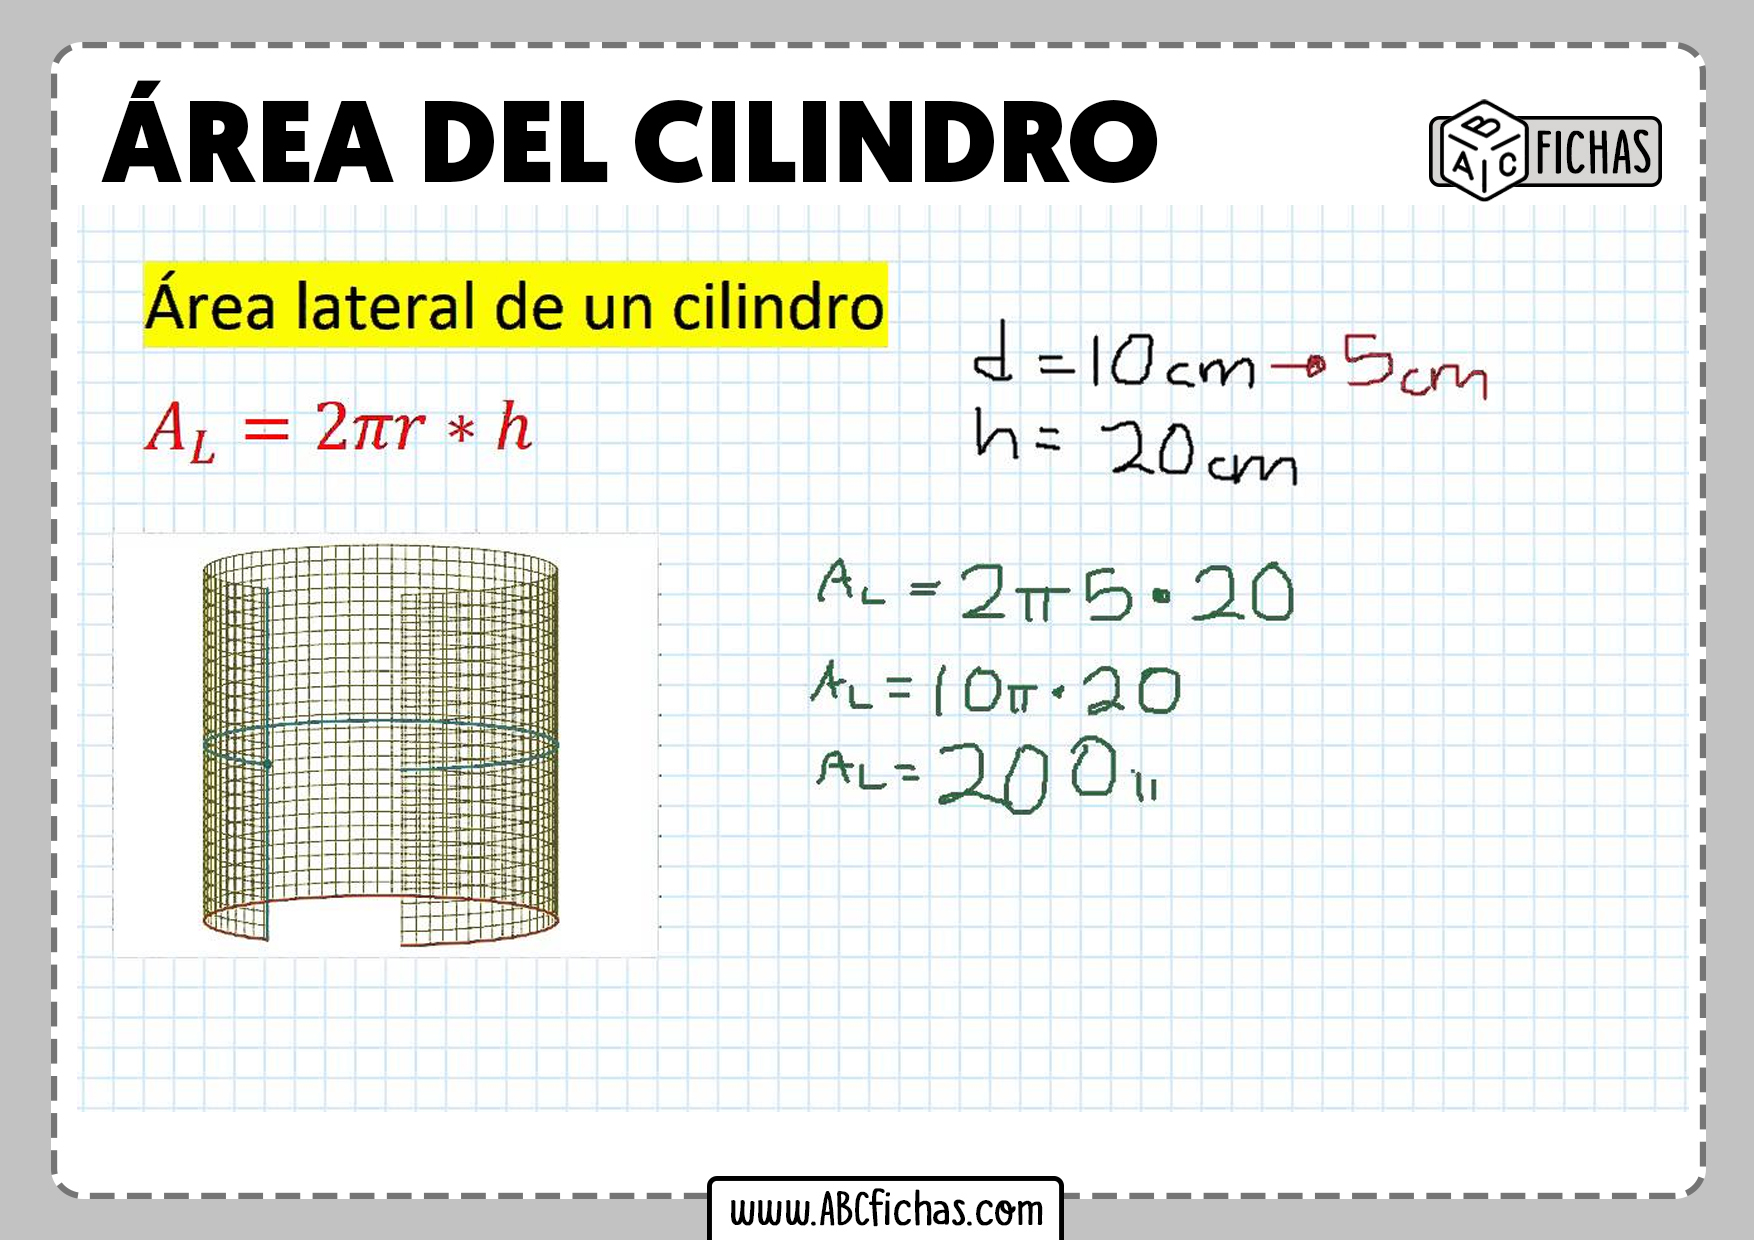 Formula area del cilindro